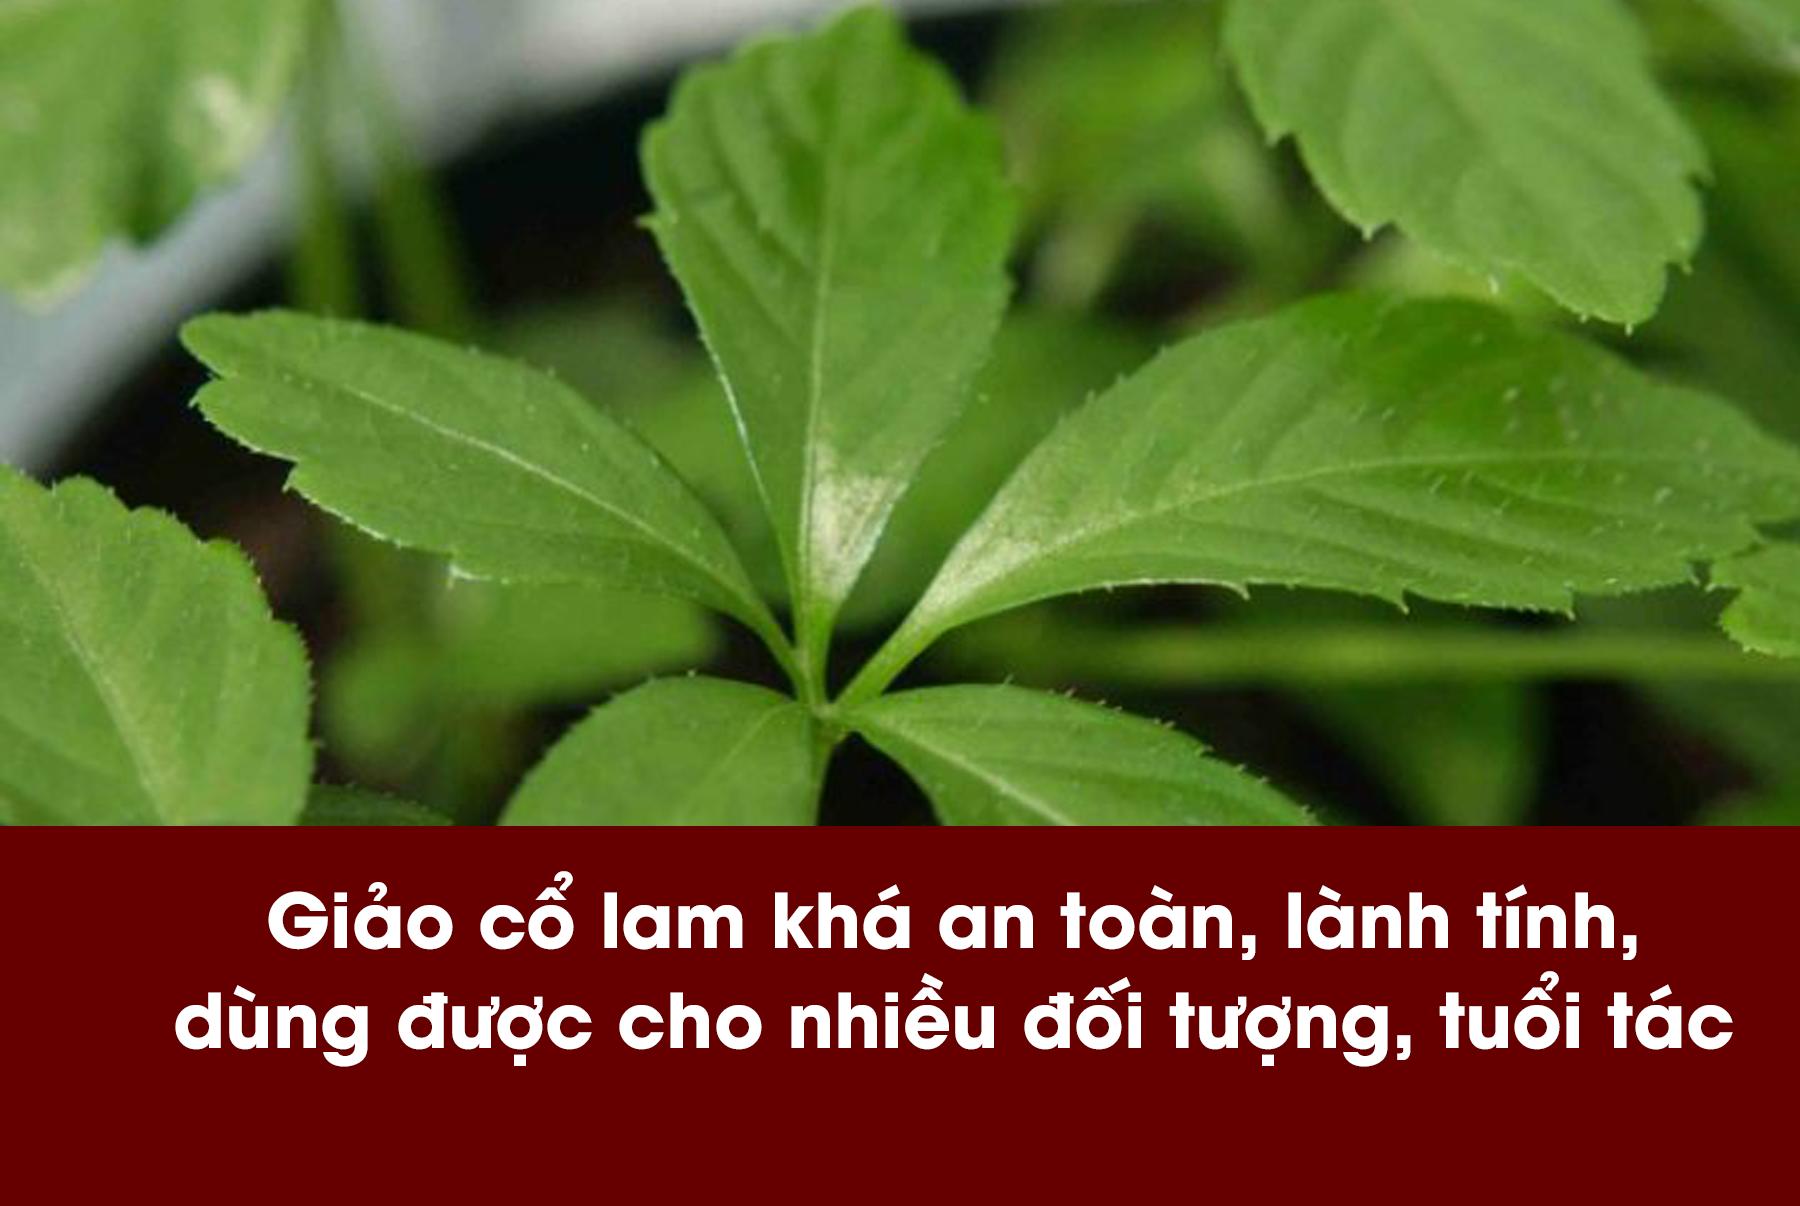 nam-gioi-uong-giao-co-lam-co-bi-yeu-sinh-ly (3)